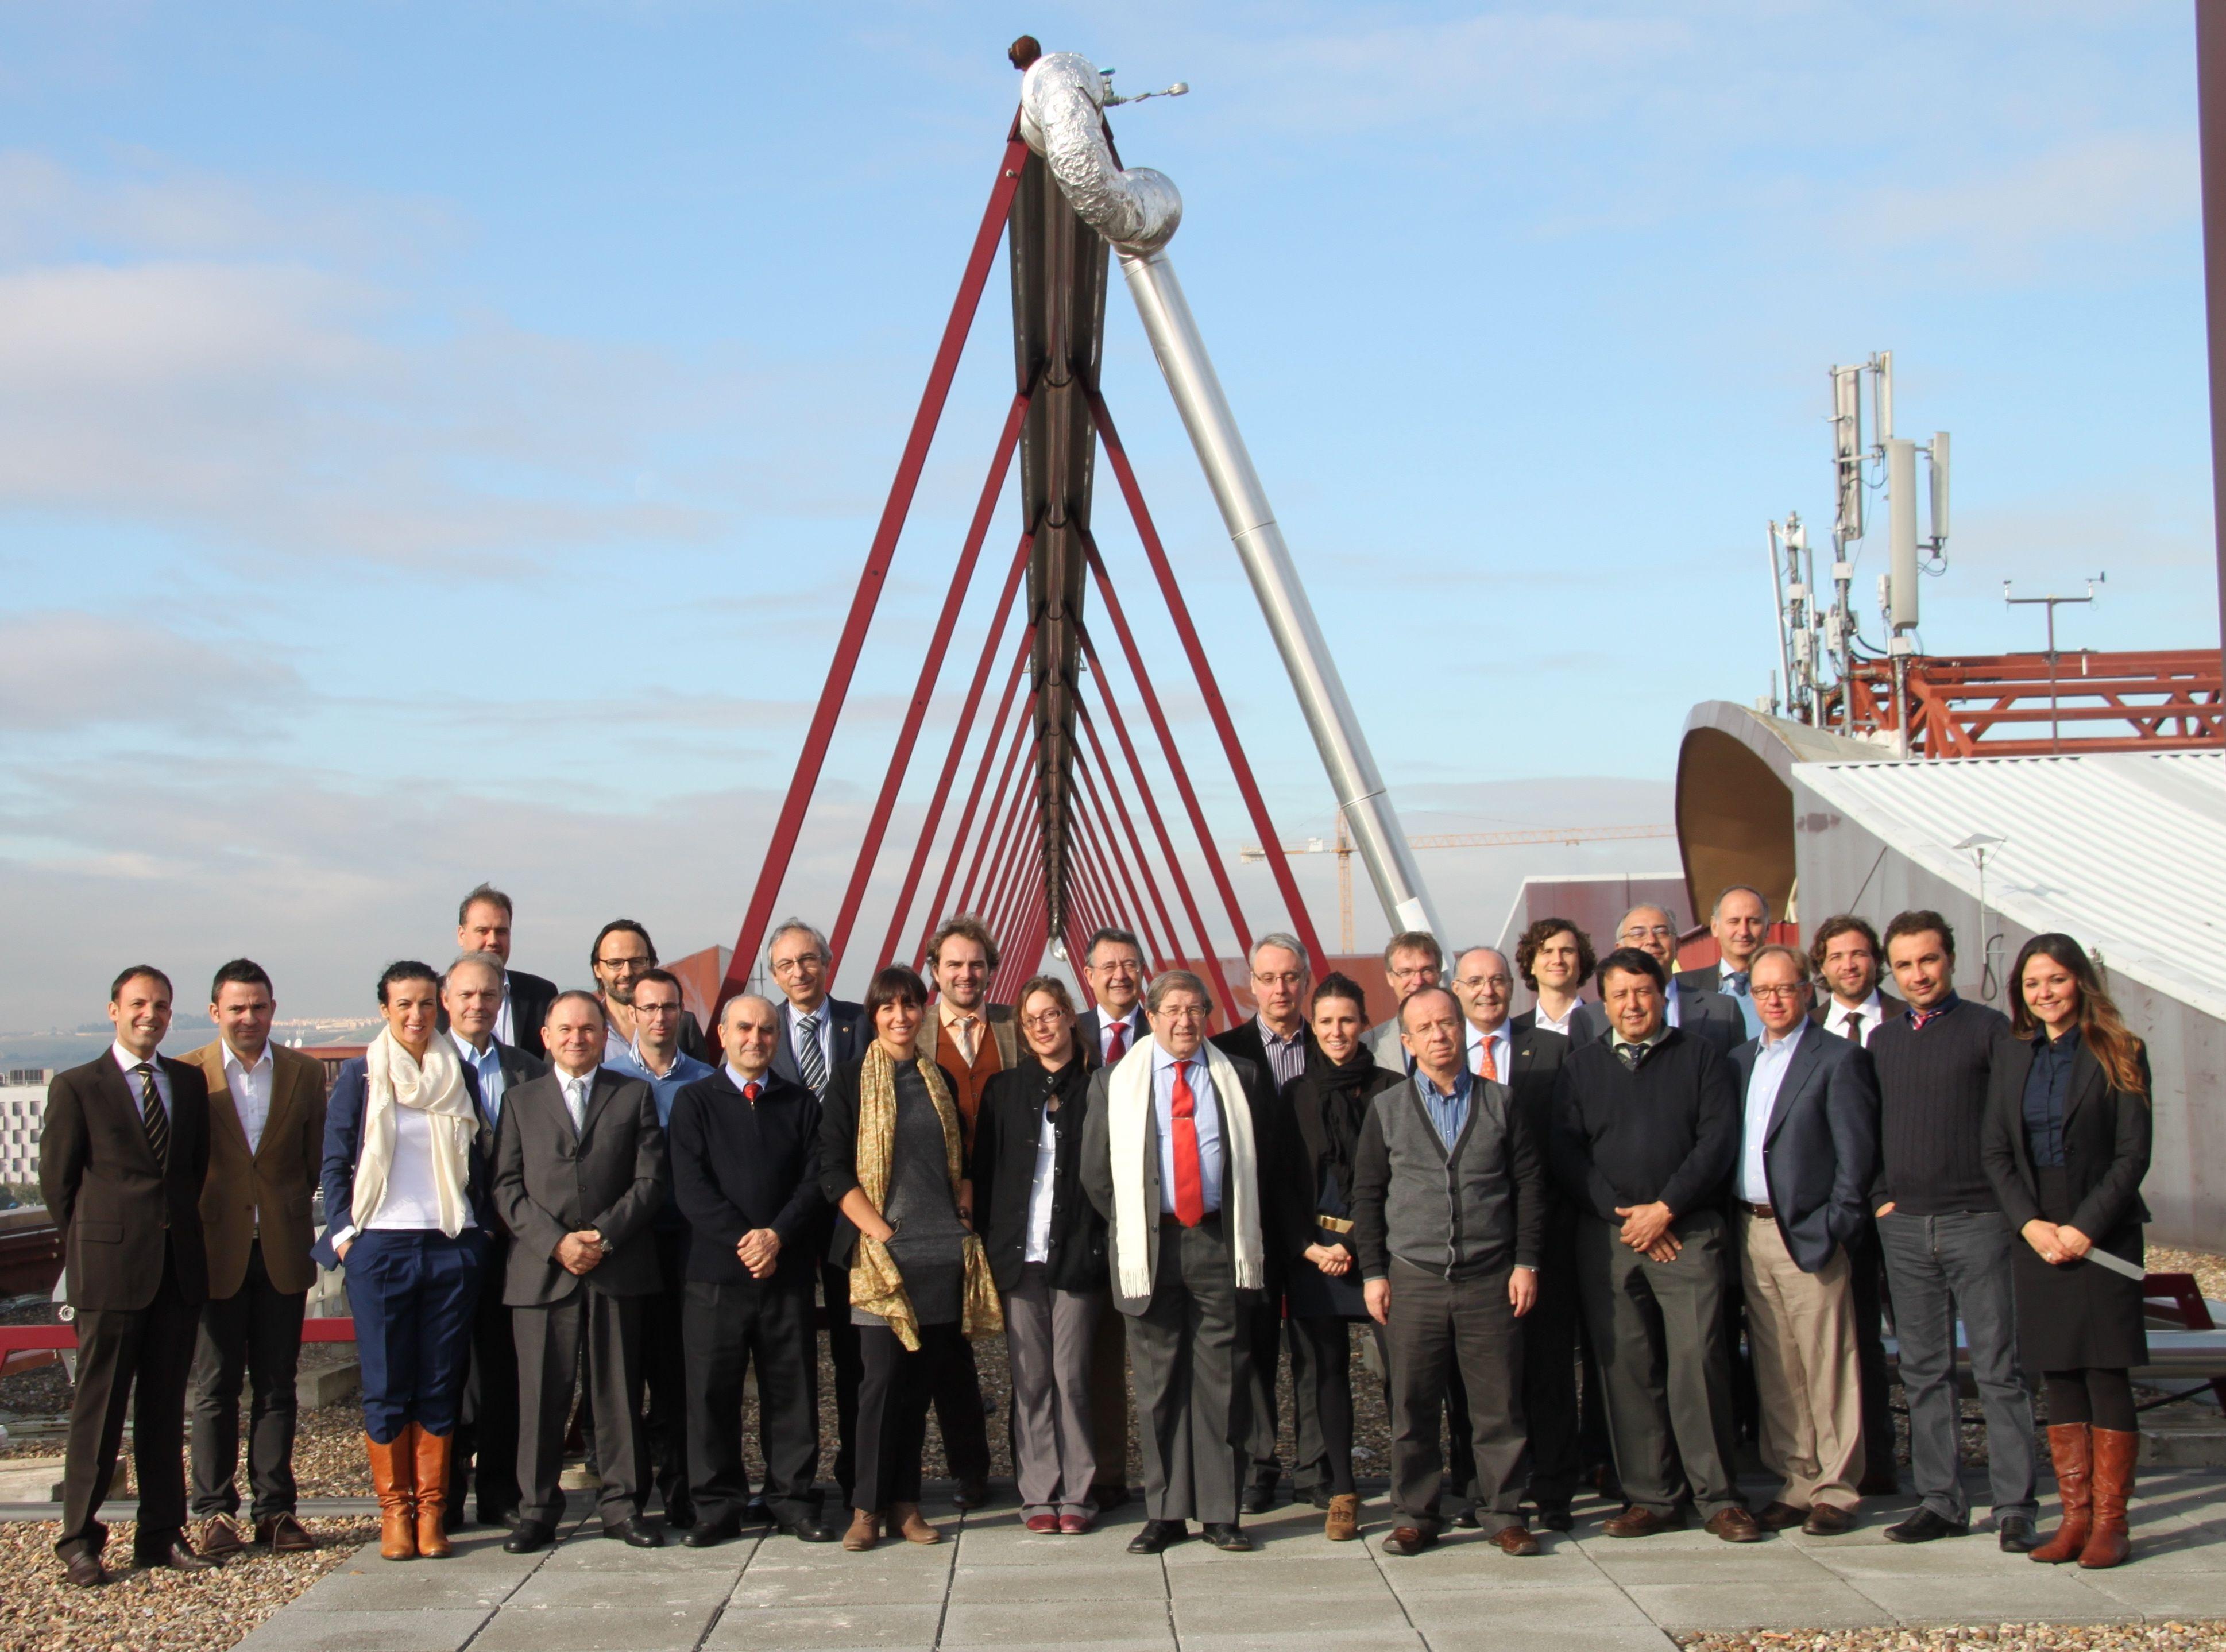 https://www.evwind.com/wp-content/uploads/2012/12/Miembros-de-EU-SOLARIS.jpg